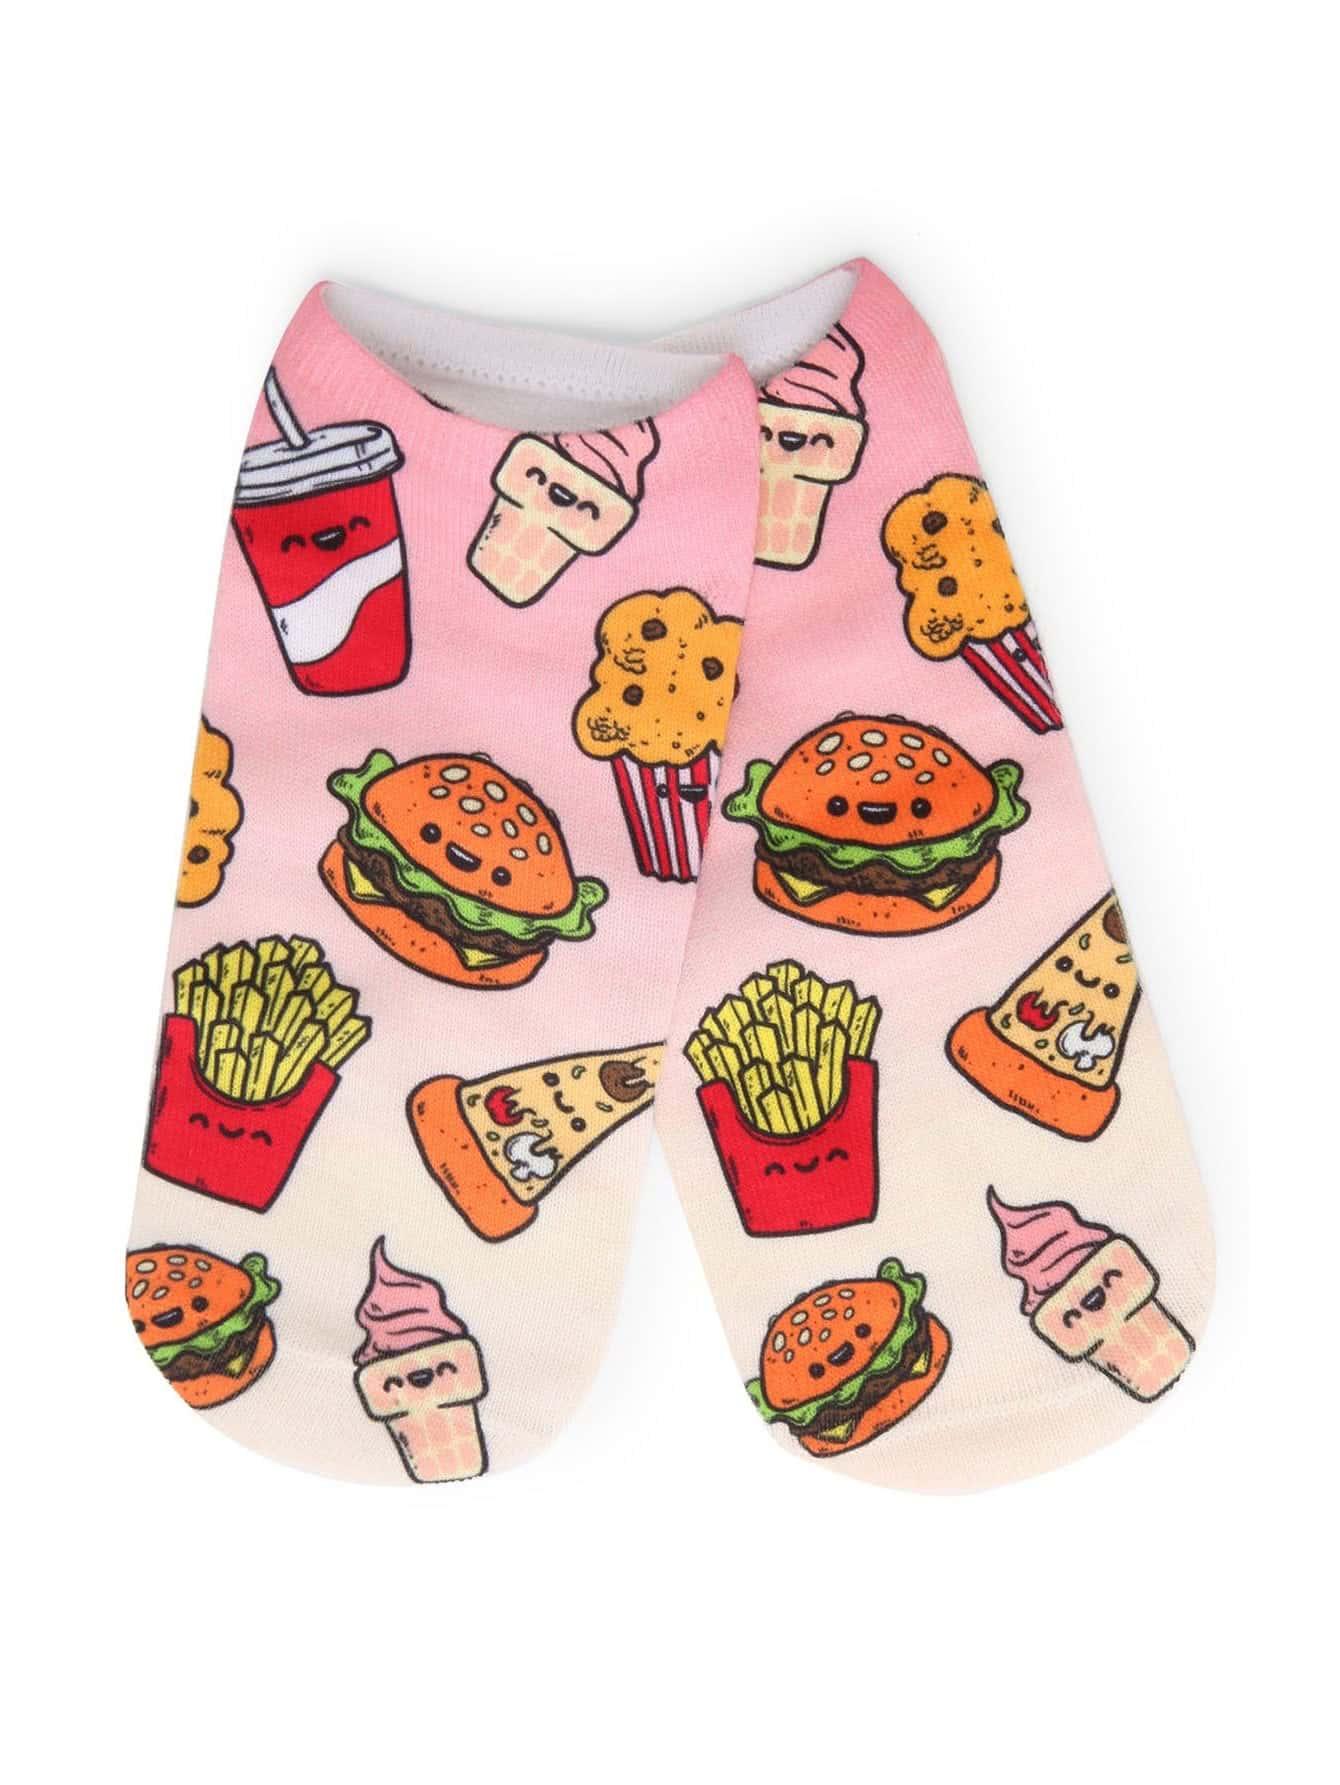 Фото Hamburger Print Cartoon Socks. Купить с доставкой